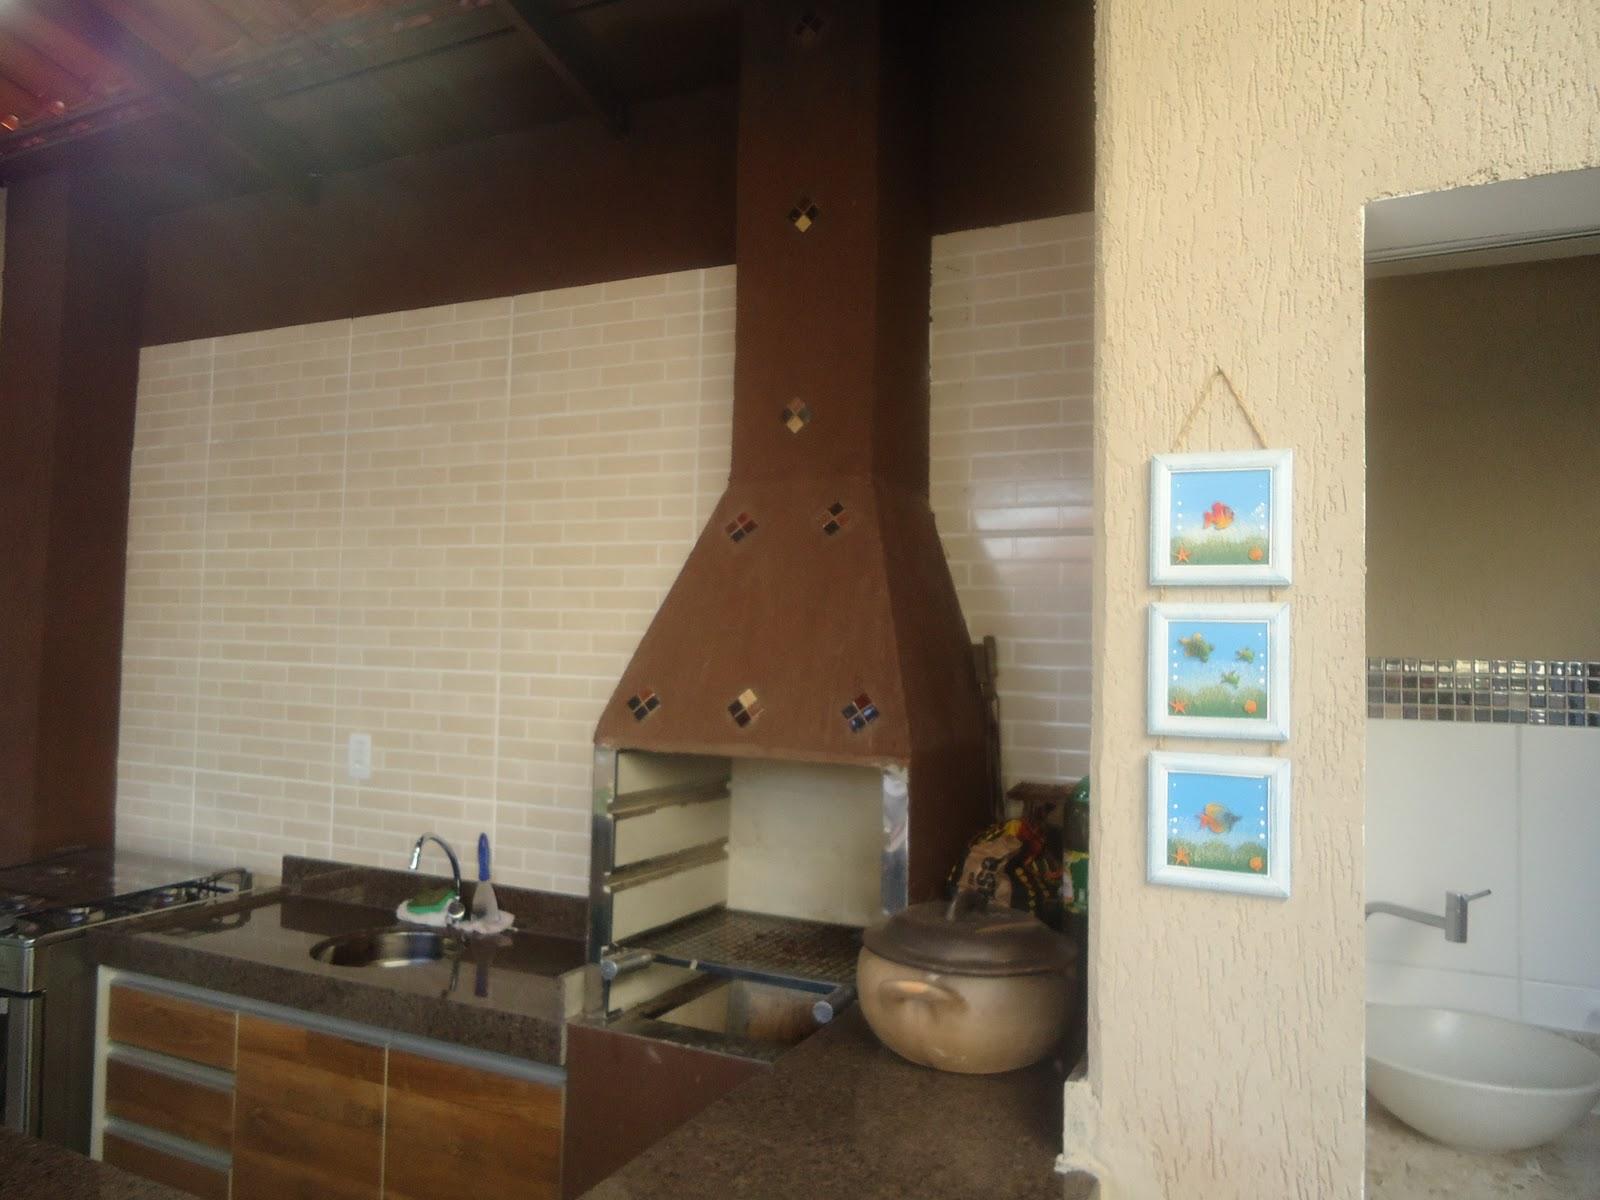 #397792 Realizando a reforma porta de banheiro de vidro jateado realizando a 1600x1200 px porta para banheiro de vidro jateado